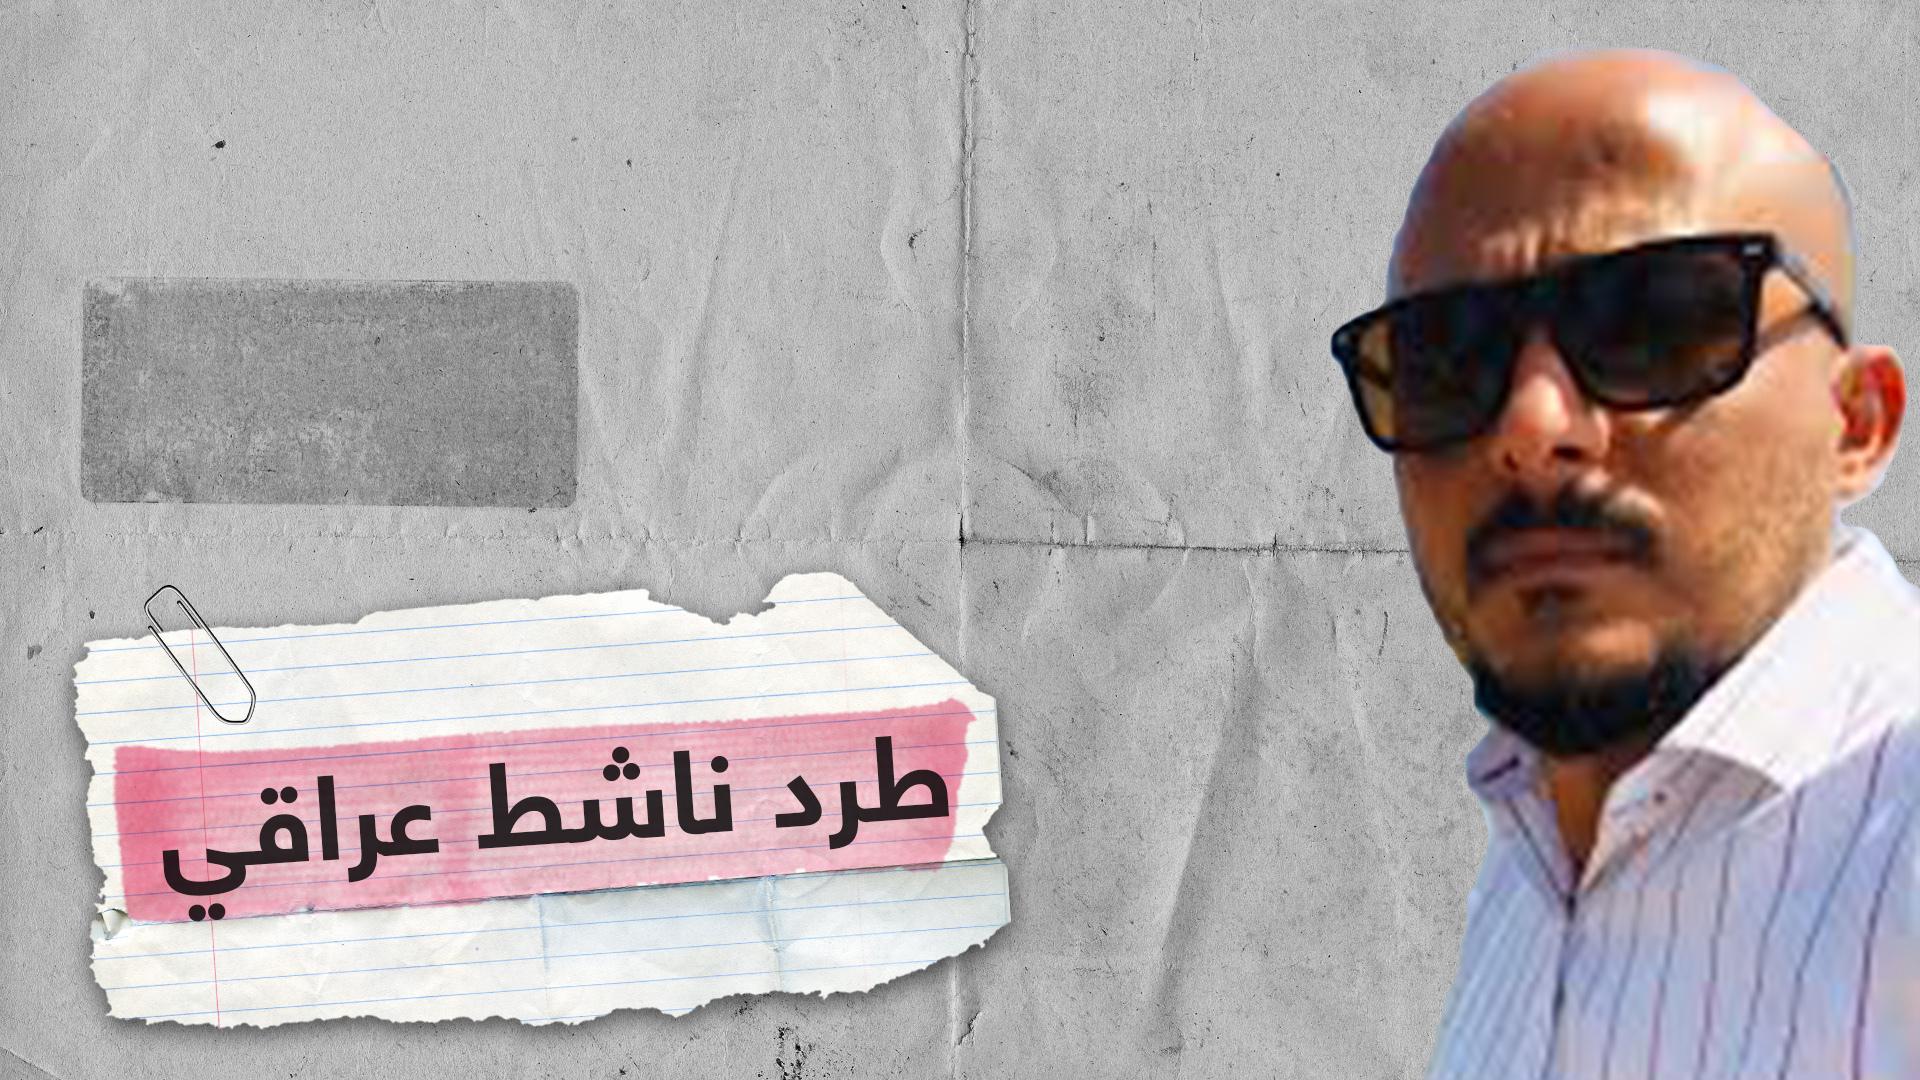 طرد ناشط عراقي من مؤتمر لوزير الشباب في محافظة صلاح الدين